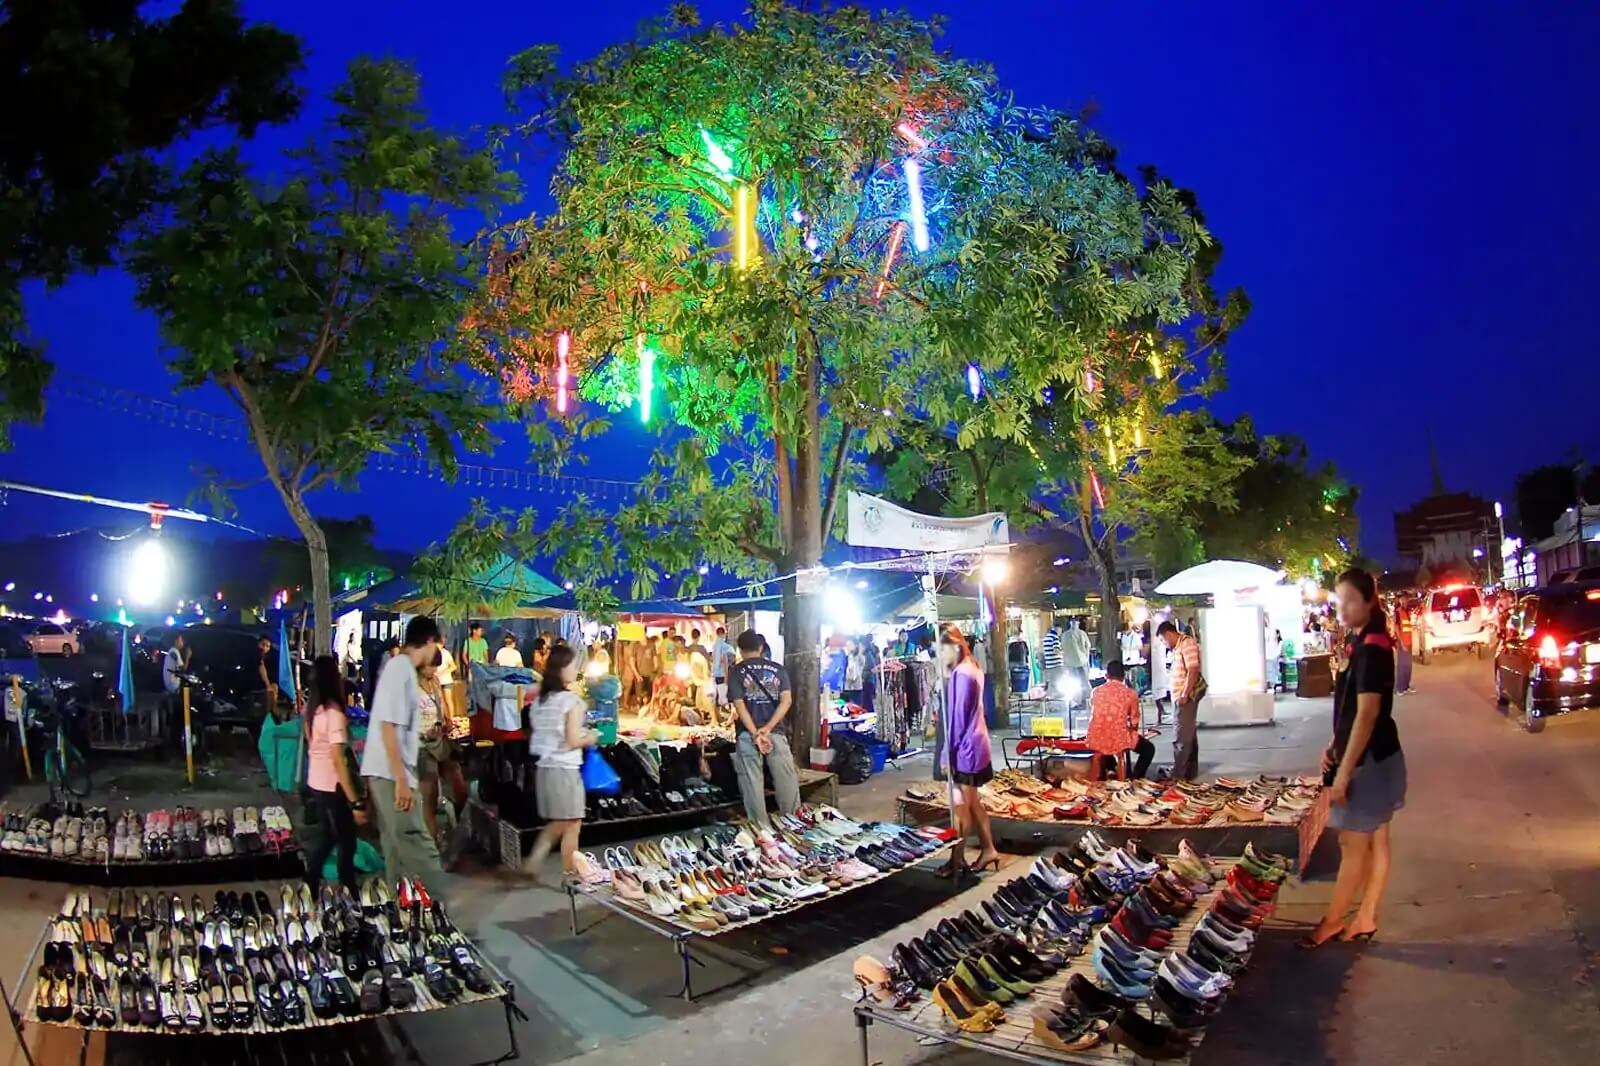 Làm thêm bán quần áo, giày dép buổi tối trên vỉa hè, hội chợ